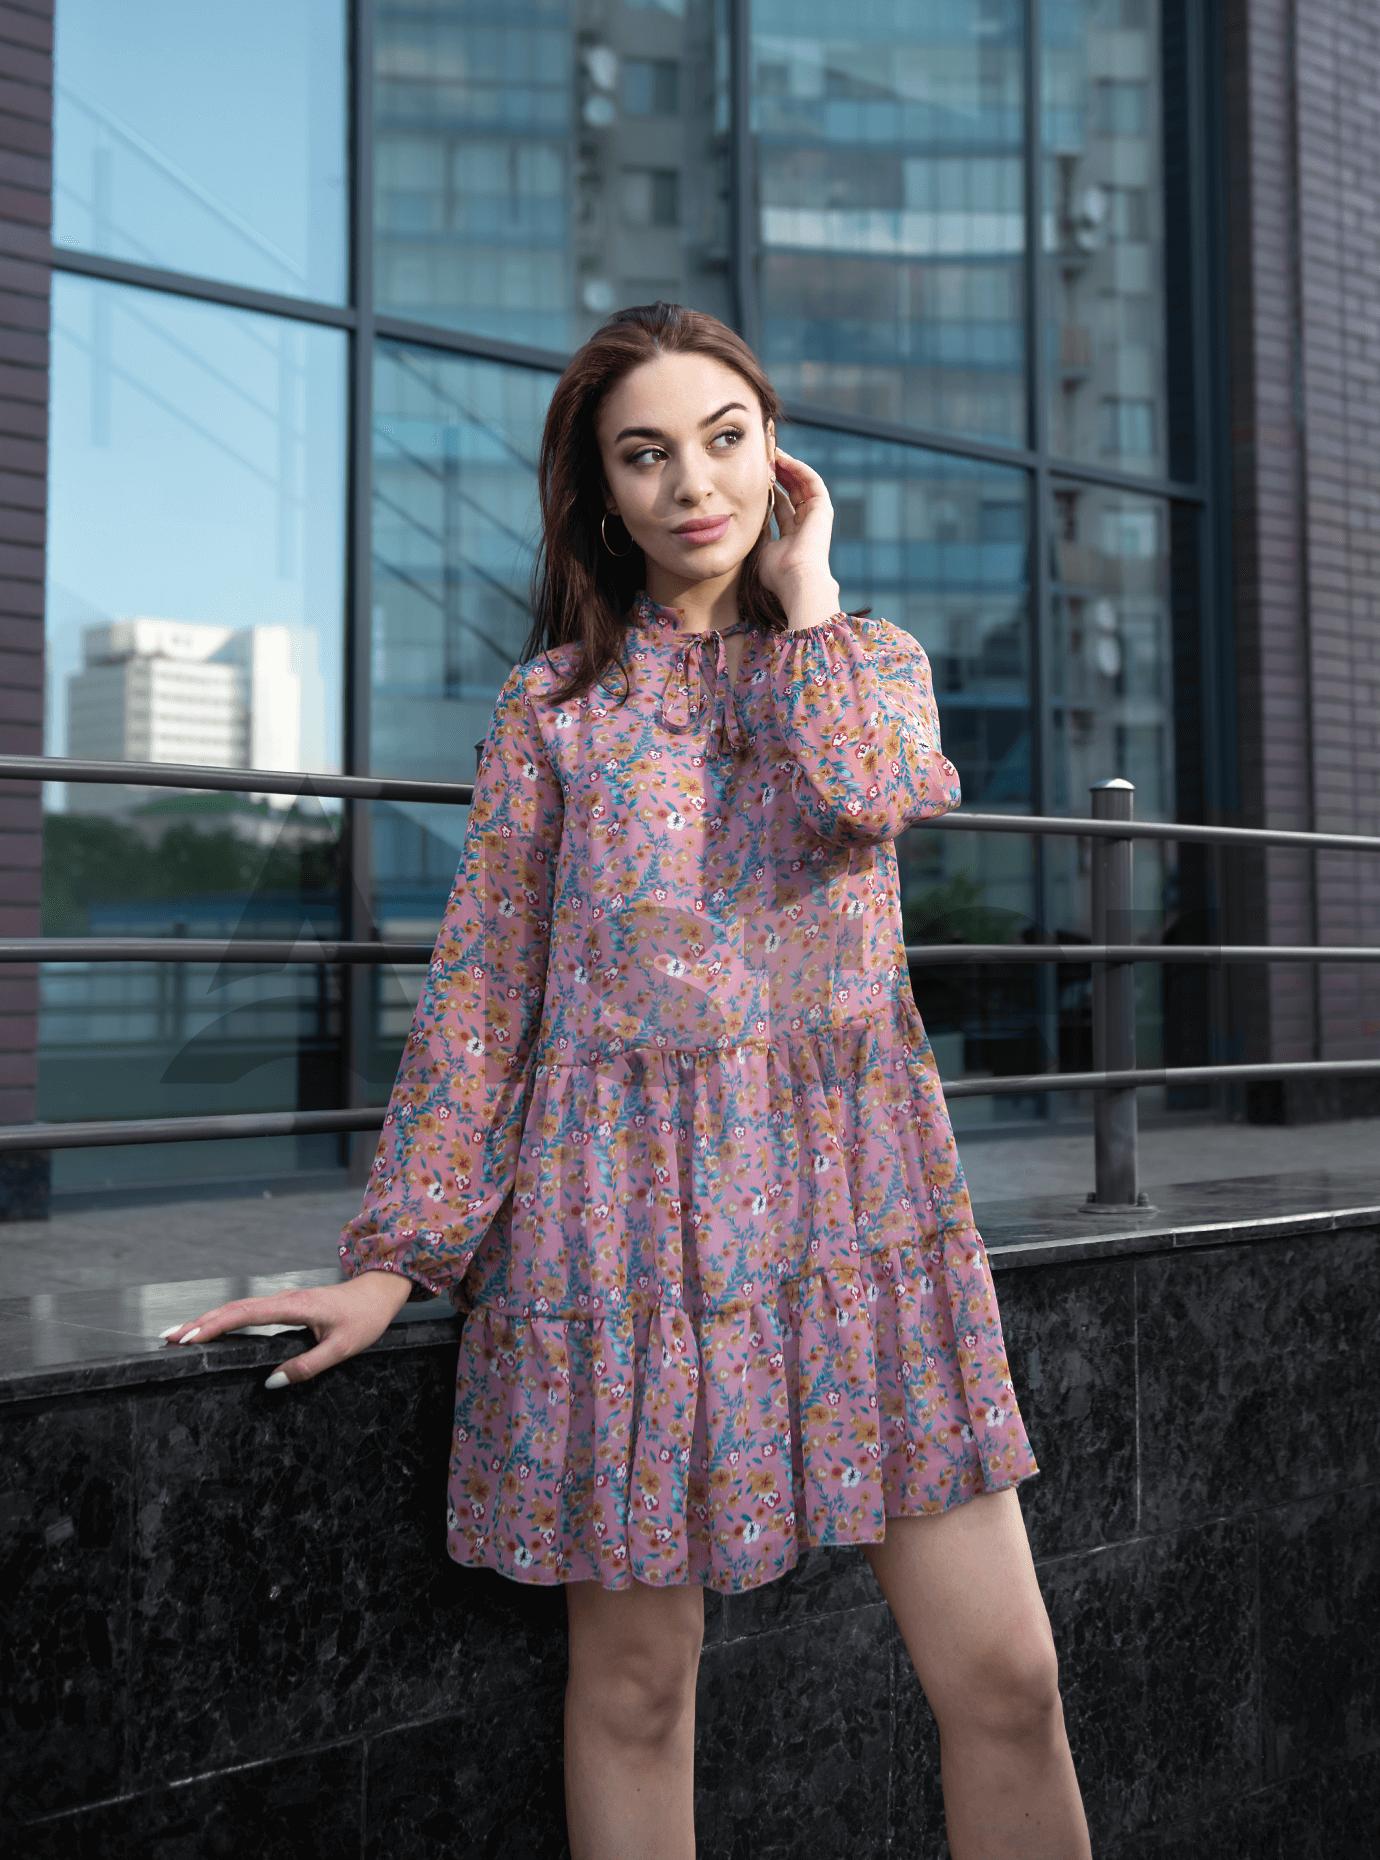 Платье Shifon short Розовый M (04-8987912): фото - Alster.ua